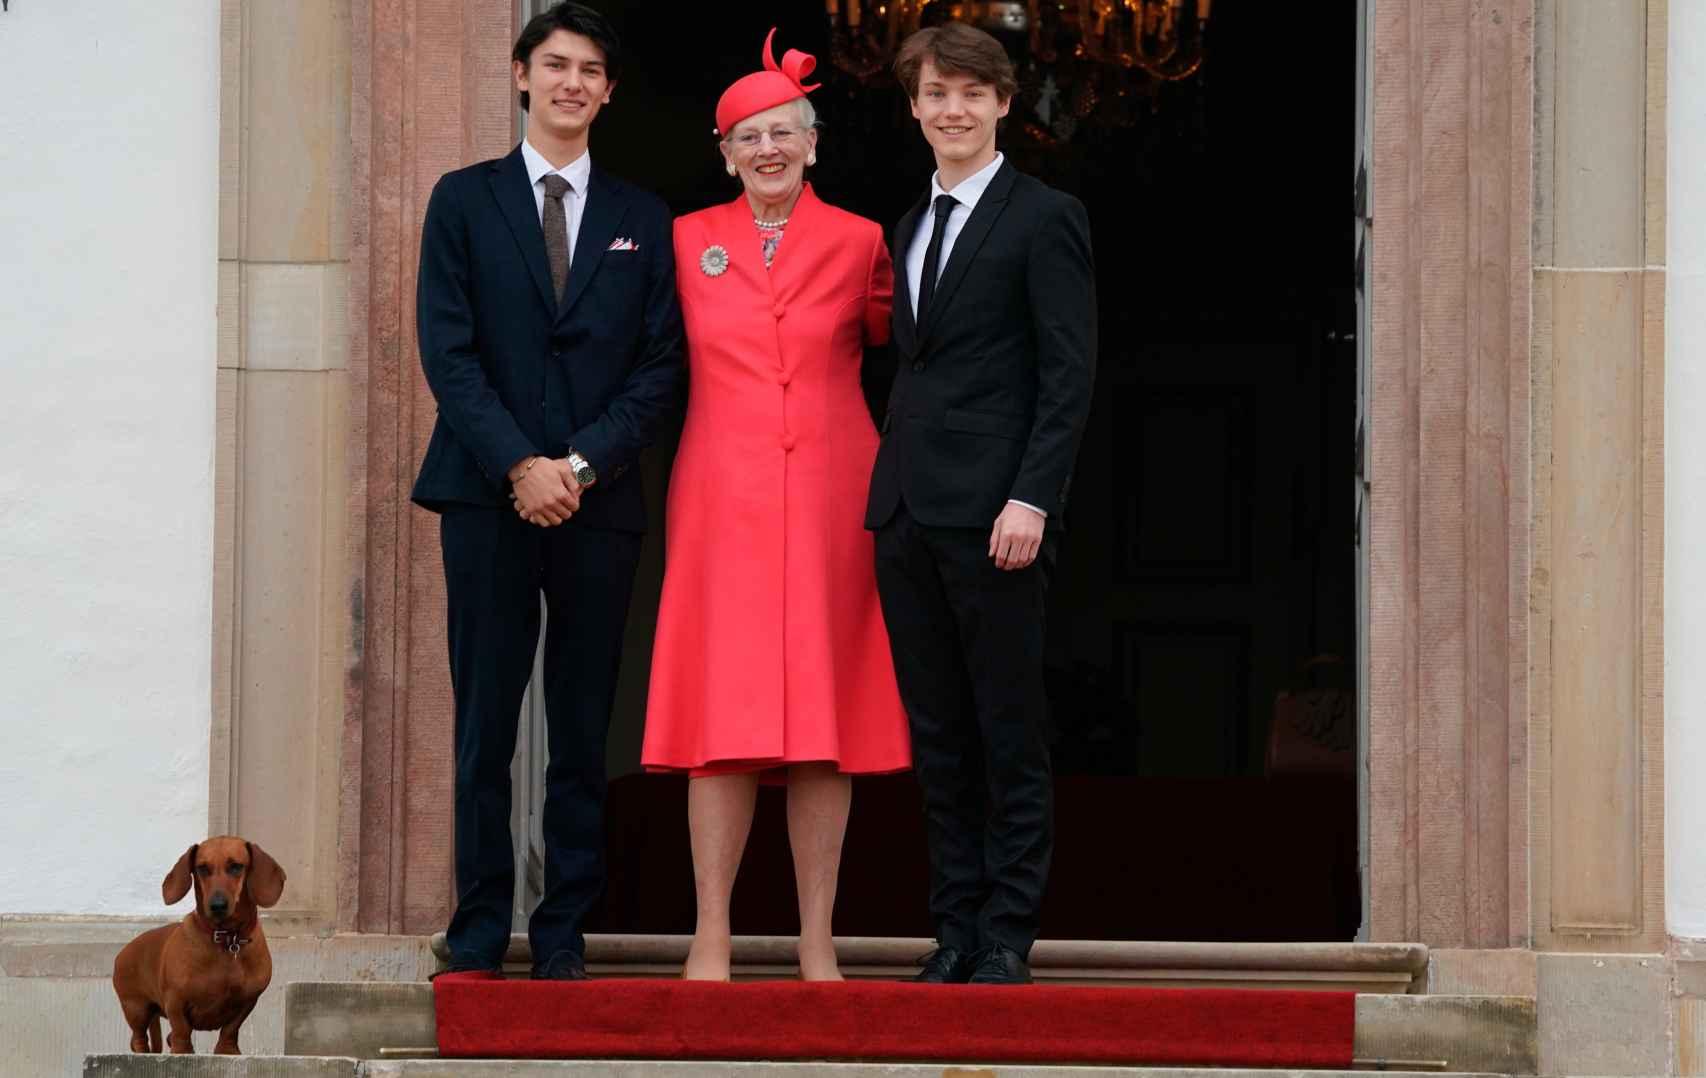 La reina Margarita junto a sus nietos, Nikolai y Felix, y su perrito teckel.